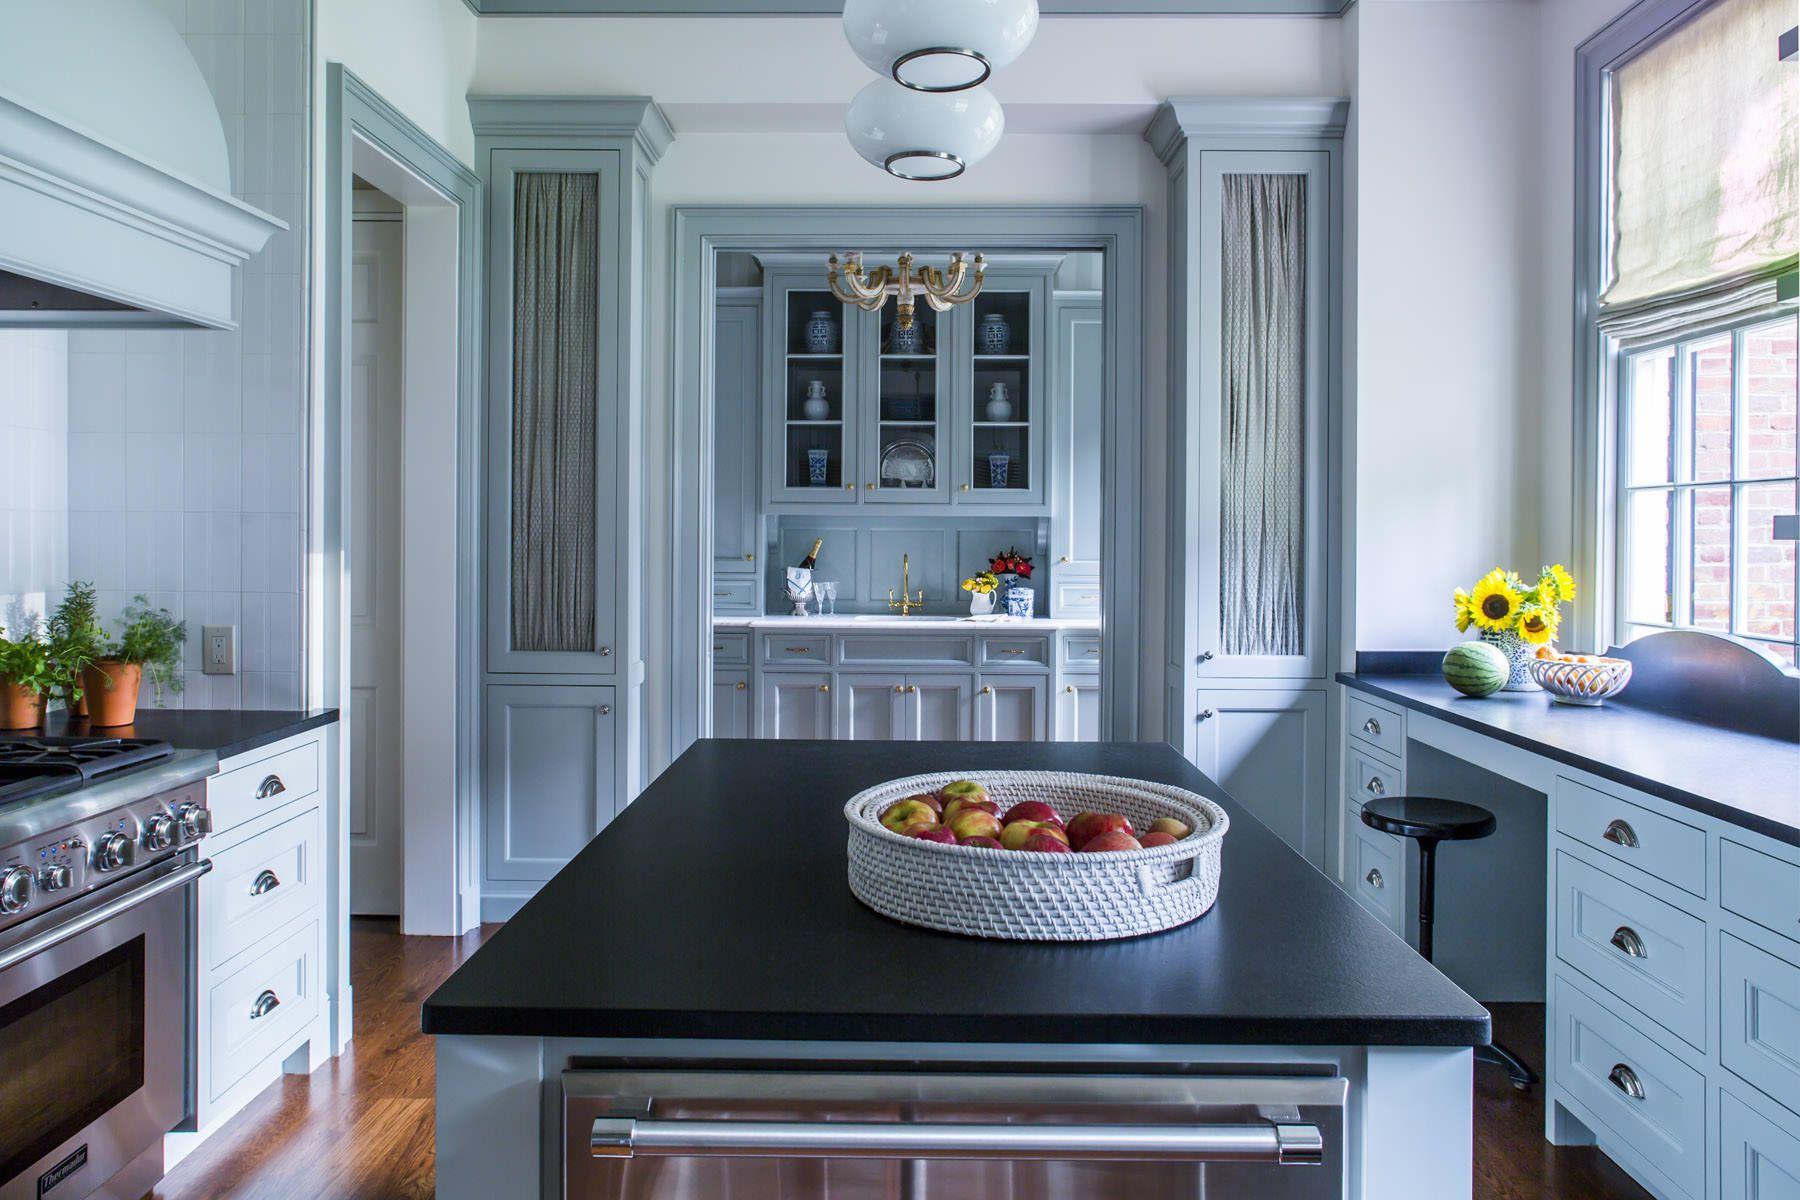 Pin By Bandit Mckinley On Kitchenz In 2020 Black Kitchen Countertops Black Countertops Blue Kitchen Designs